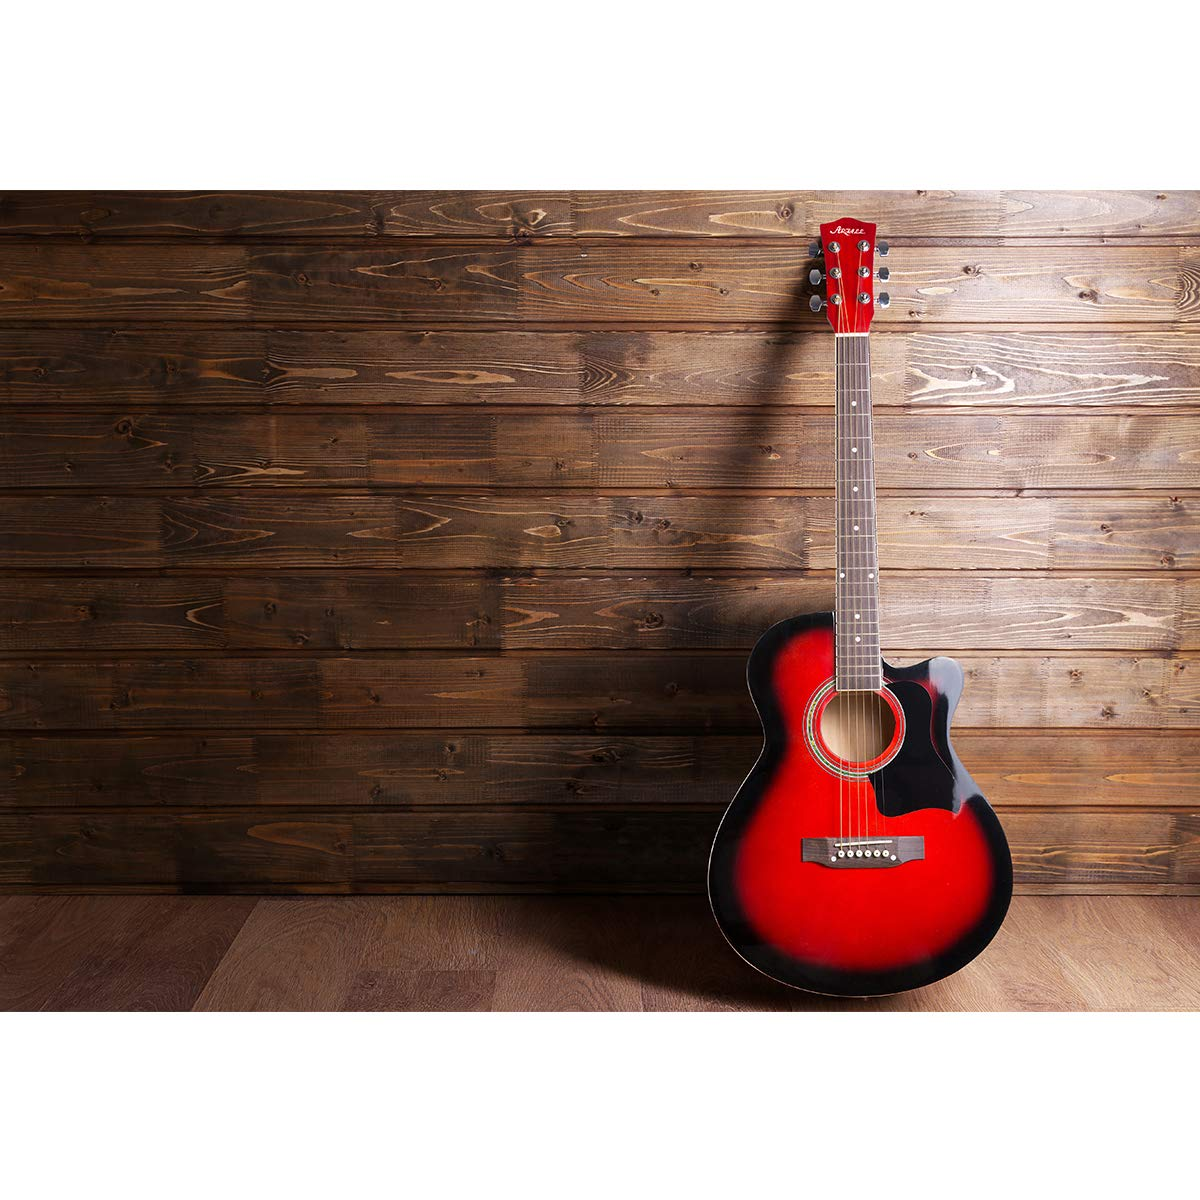 azul brillante correa selecciones cuerdas ARTALL 39 Inch Guitarra Cutaway ac/ústica de madera maciza hecha a mano Kit para principiantes afinador